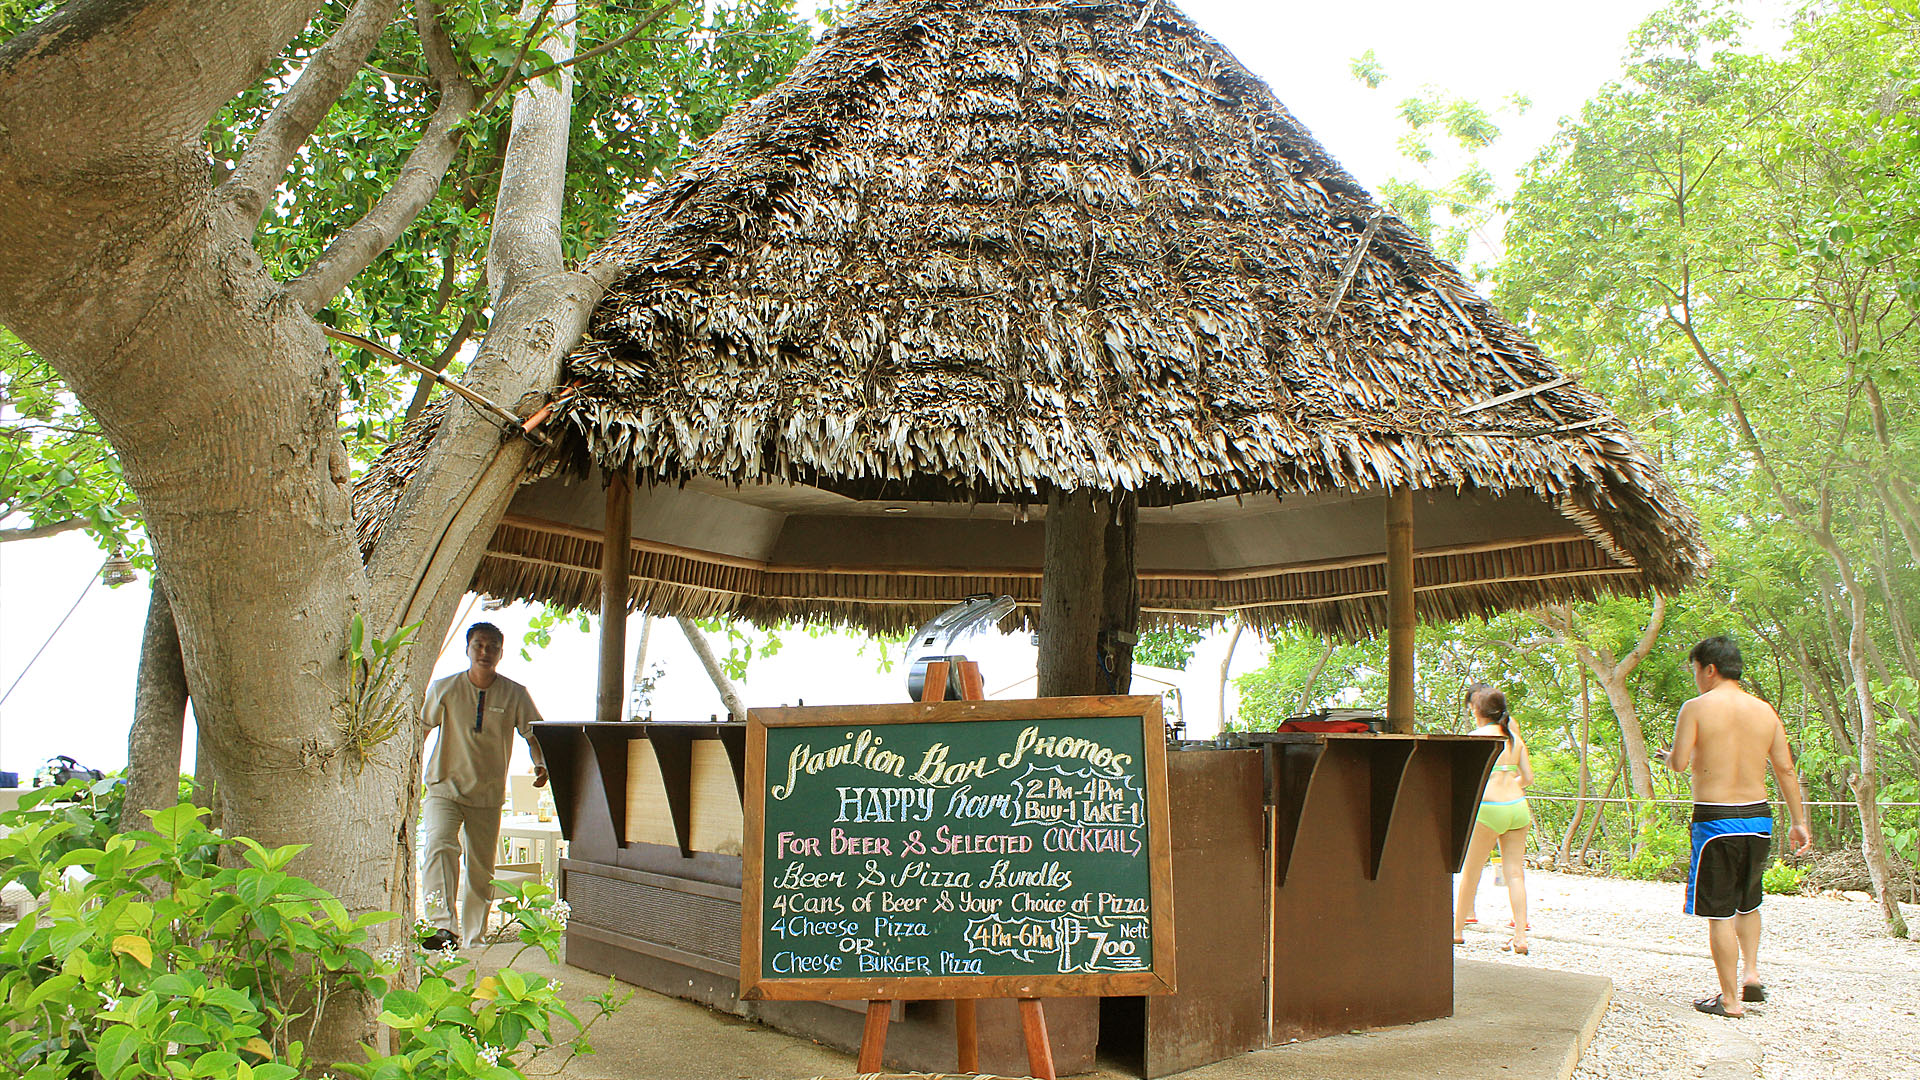 pavilion-hut